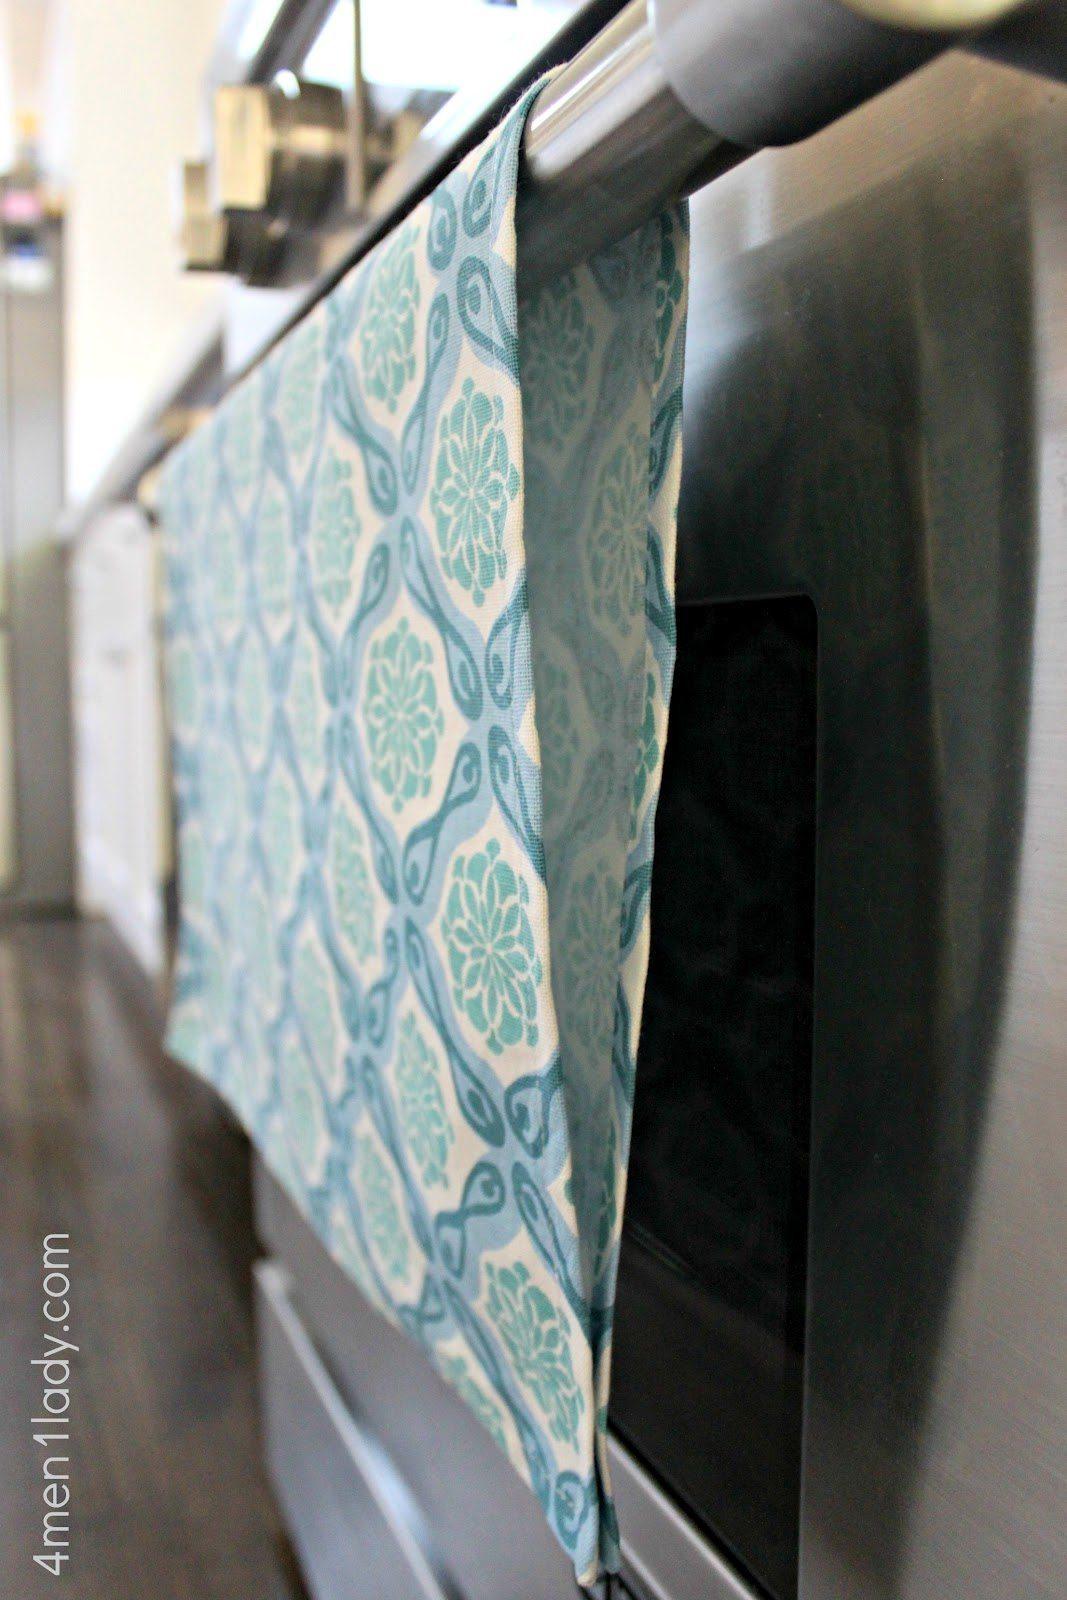 un paño de cocina con velcro por dentro